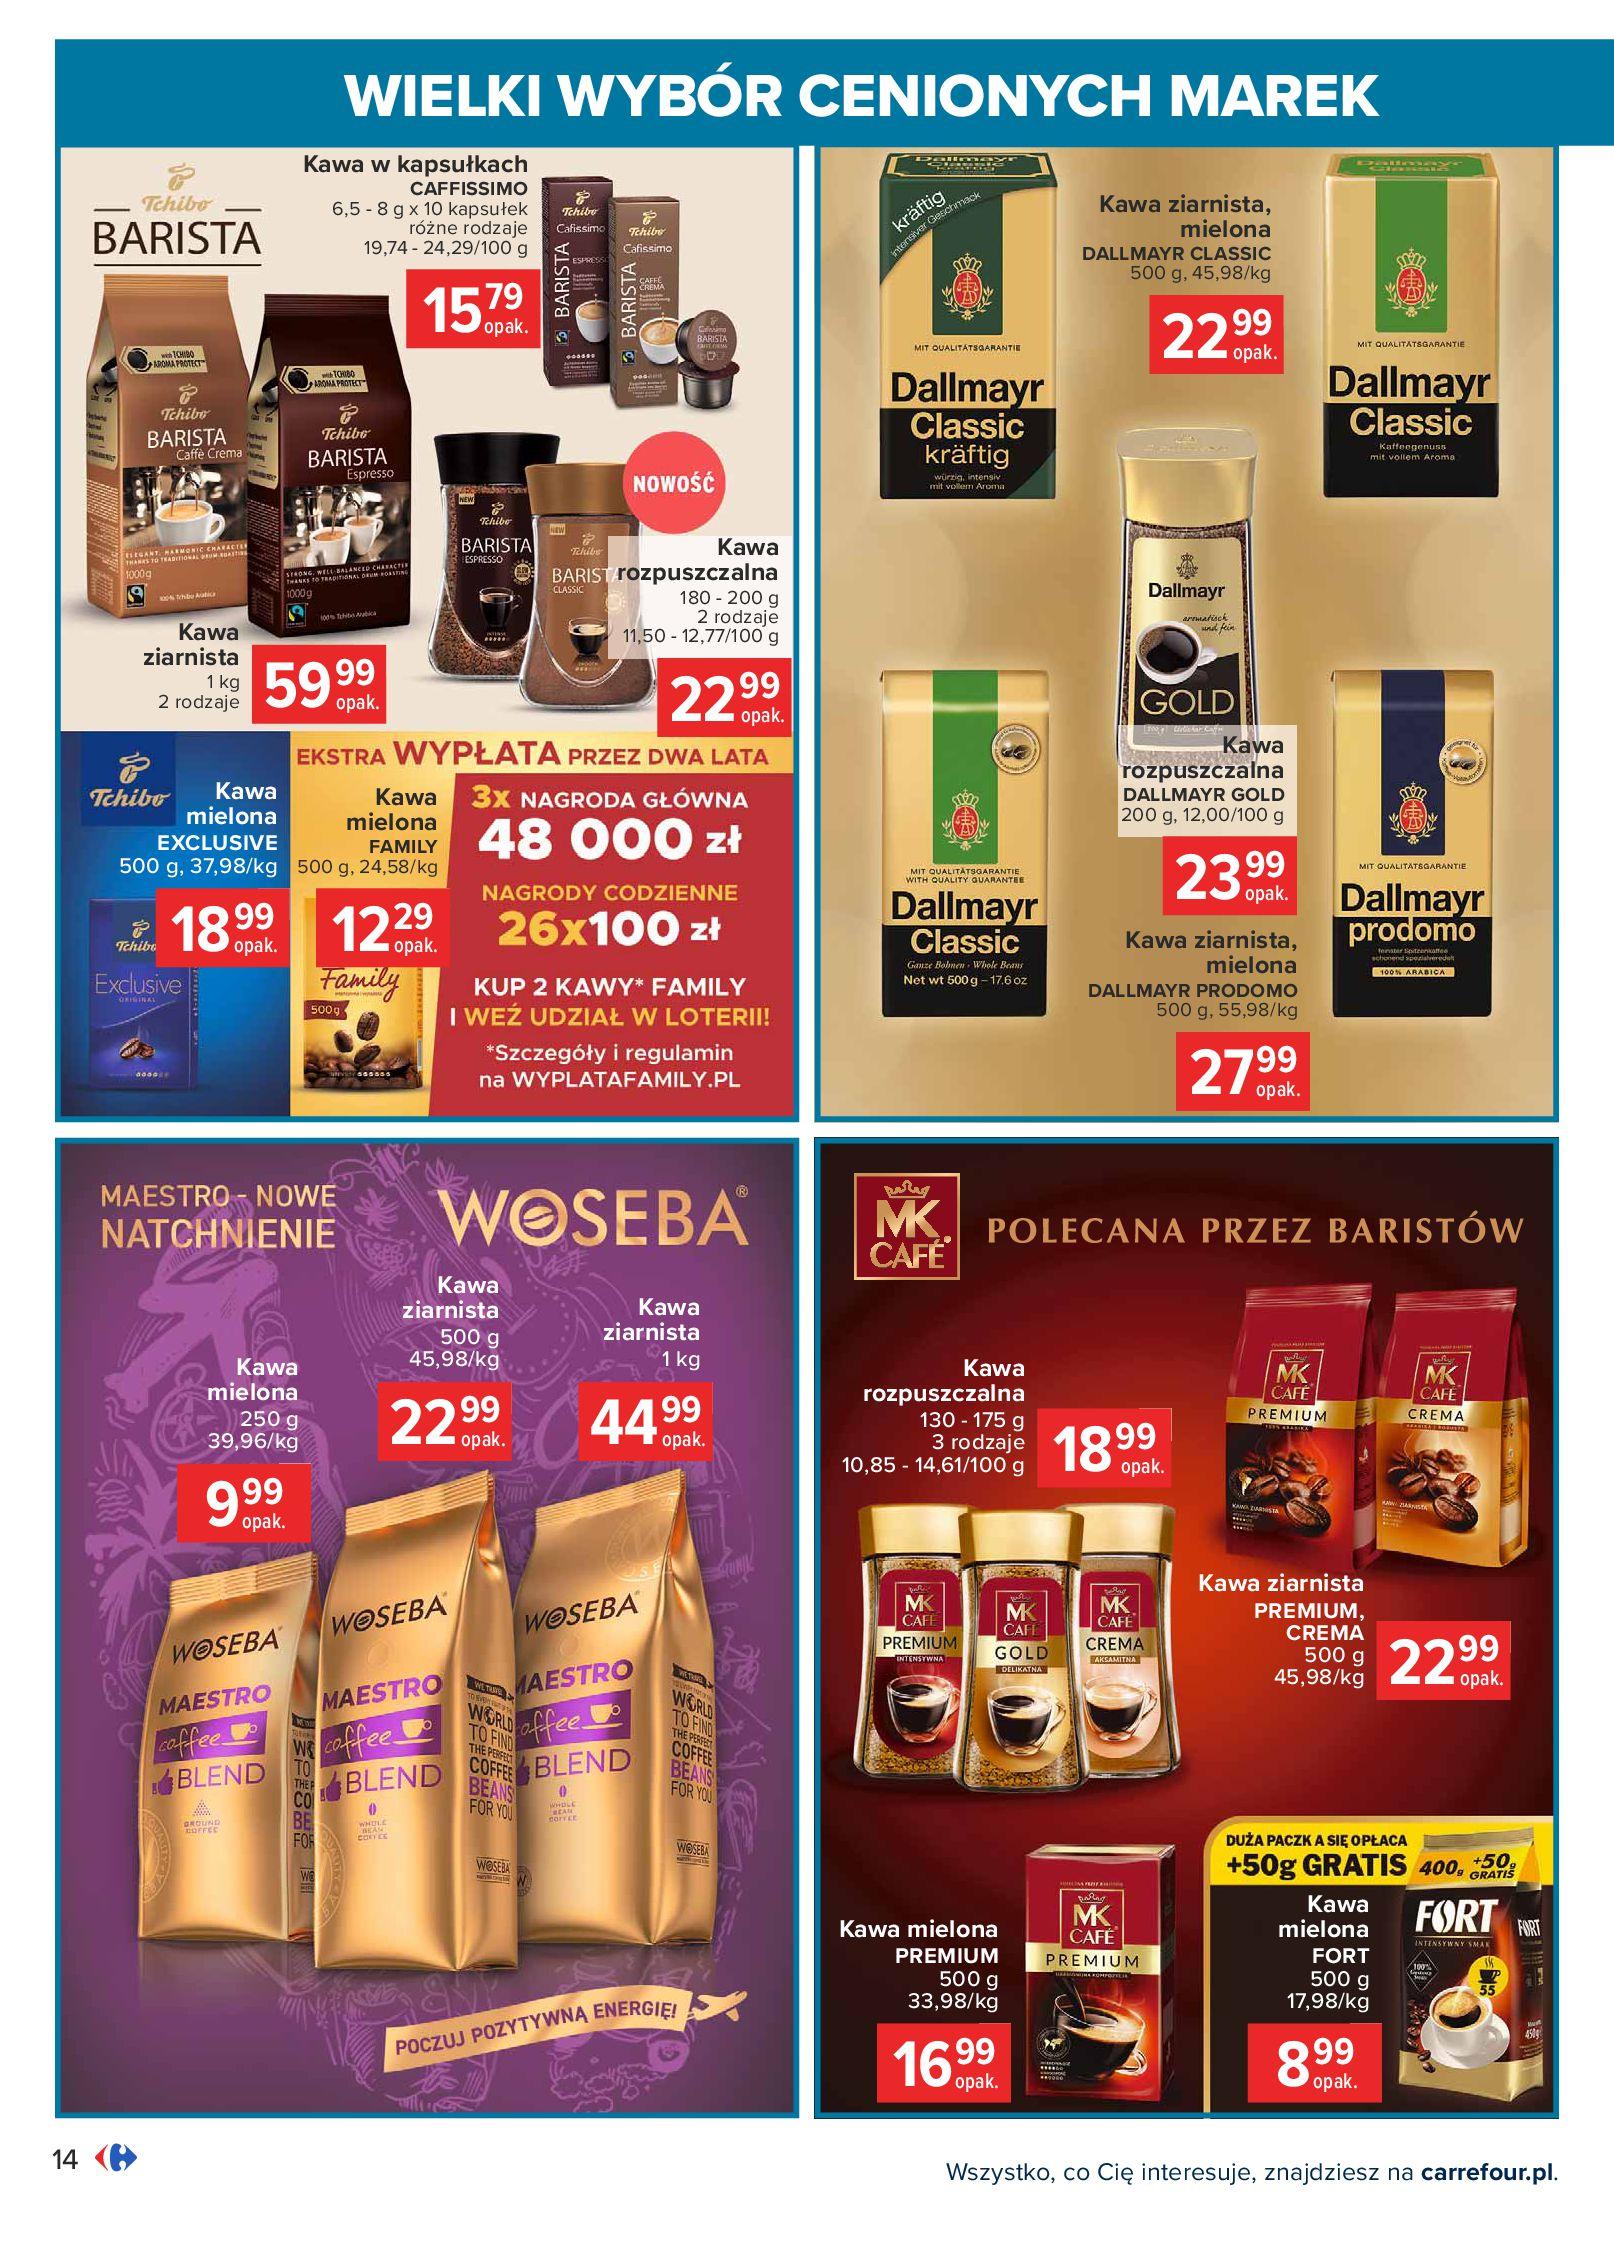 Gazetka Carrefour: Wielki wybór cenionych marek 2021-05-04 page-14